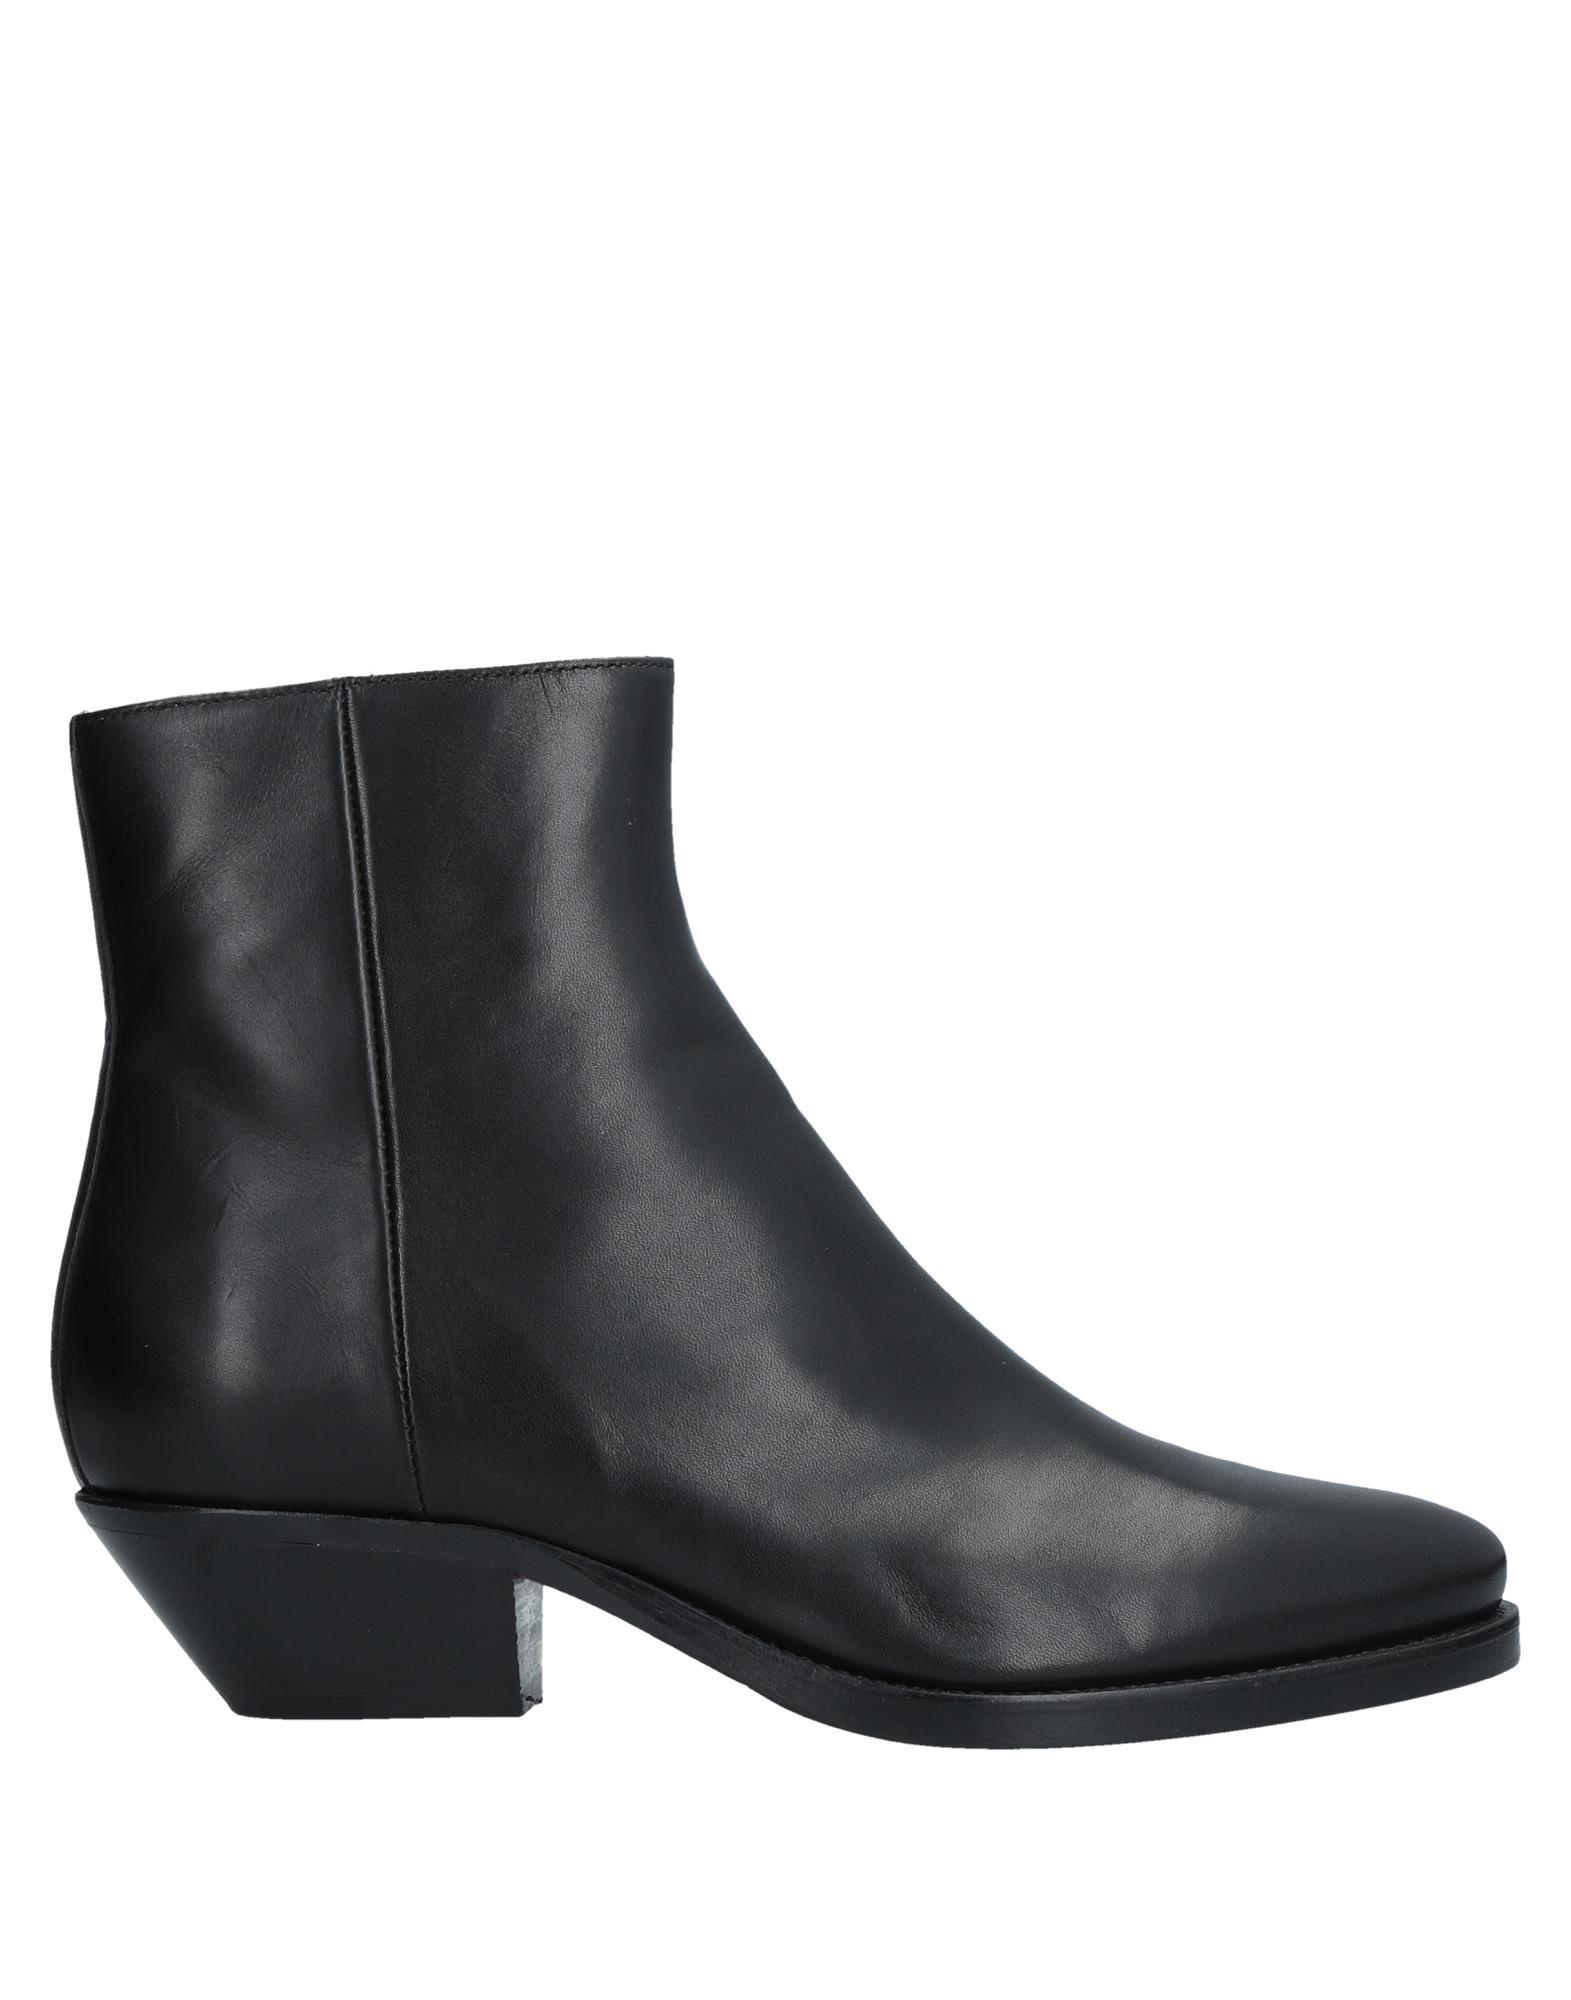 Liviana Conti Stiefelette Damen  11539428JAGut aussehende strapazierfähige Schuhe